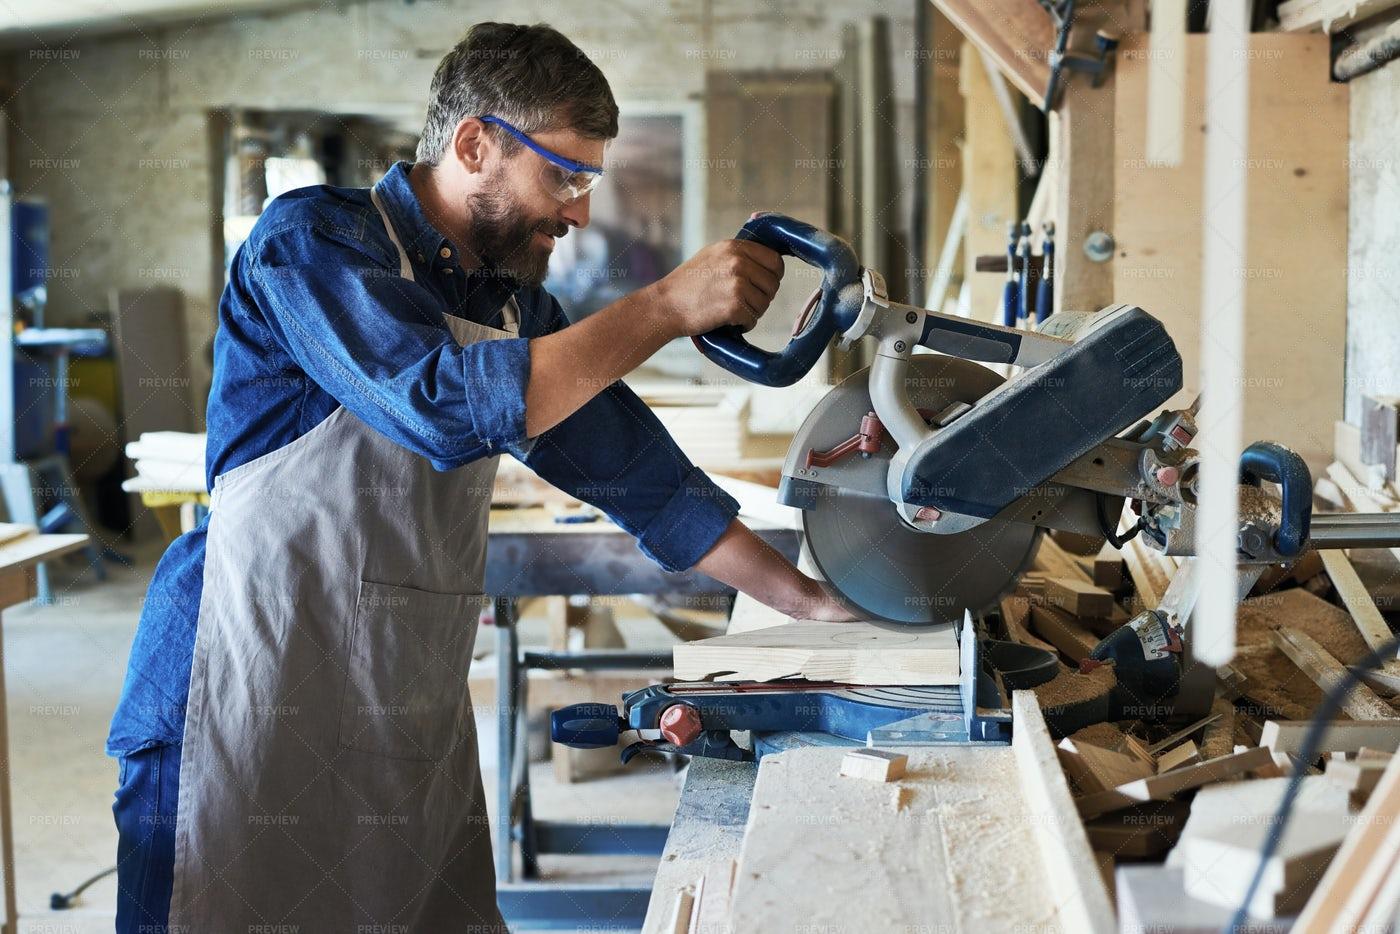 Carpenter Using Electric Cutting...: Stock Photos